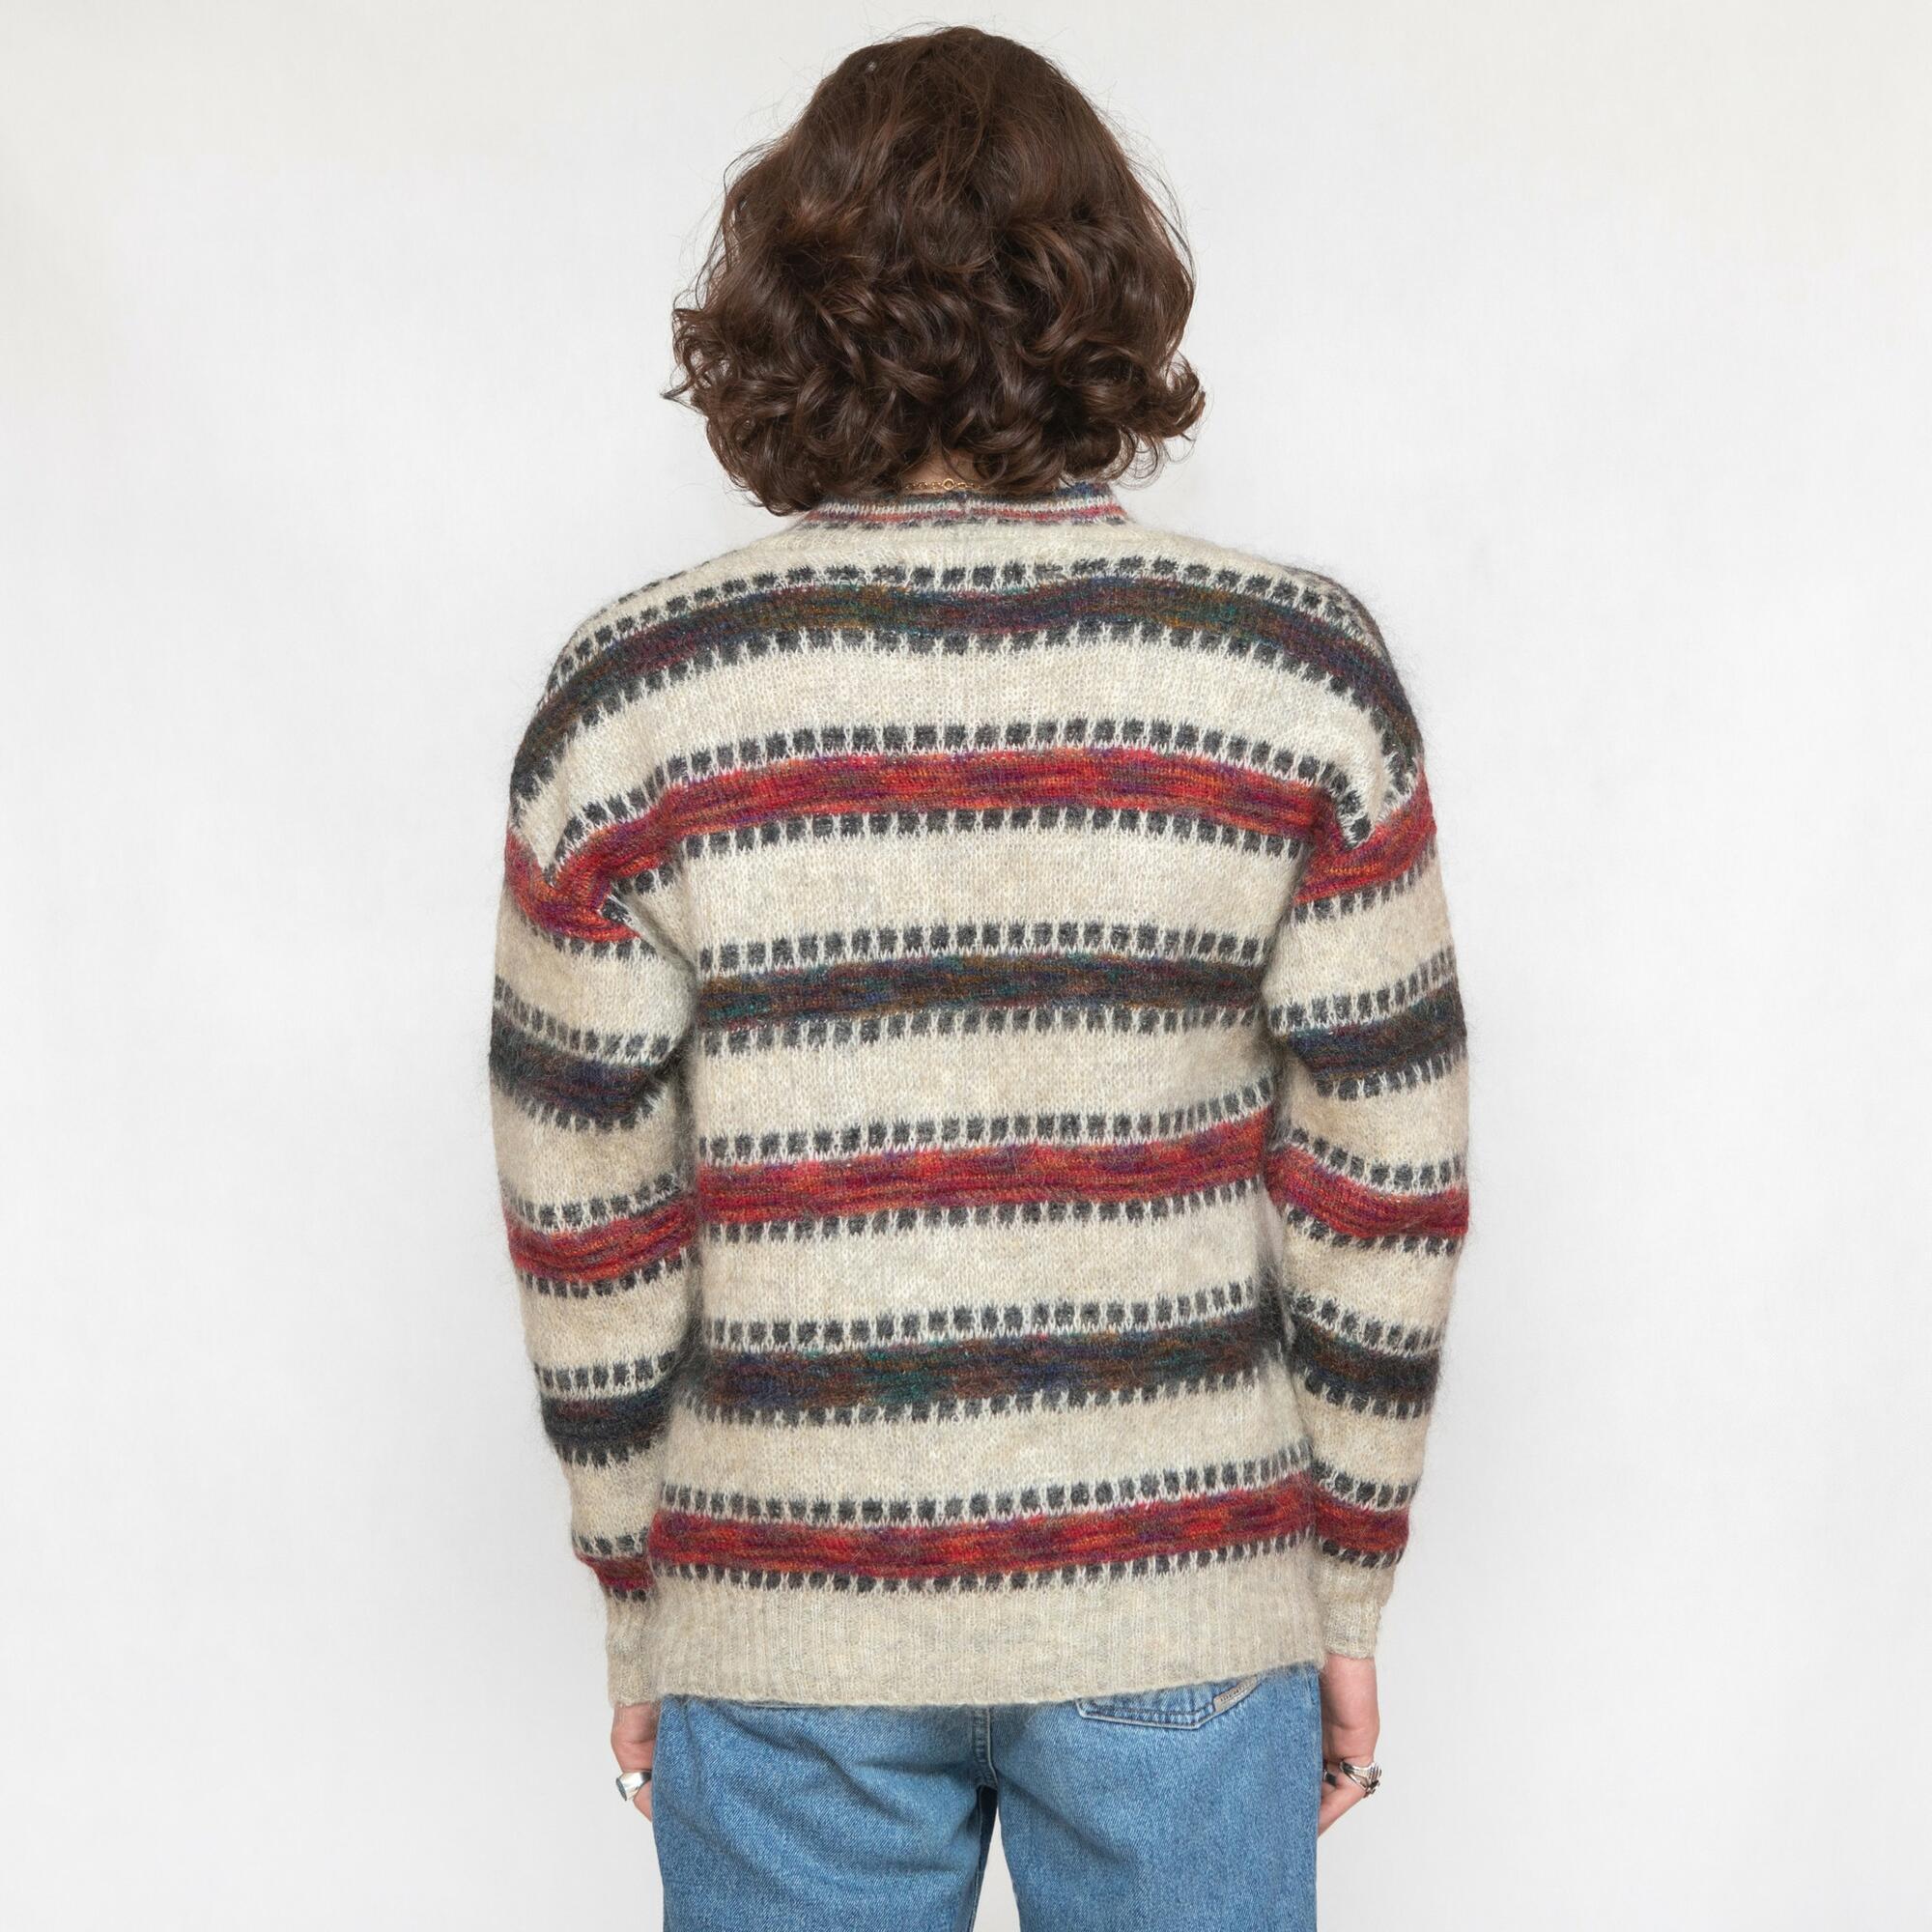 Sweter z moheru marki Zolo Club - KEX Vintage Store | JestemSlow.pl